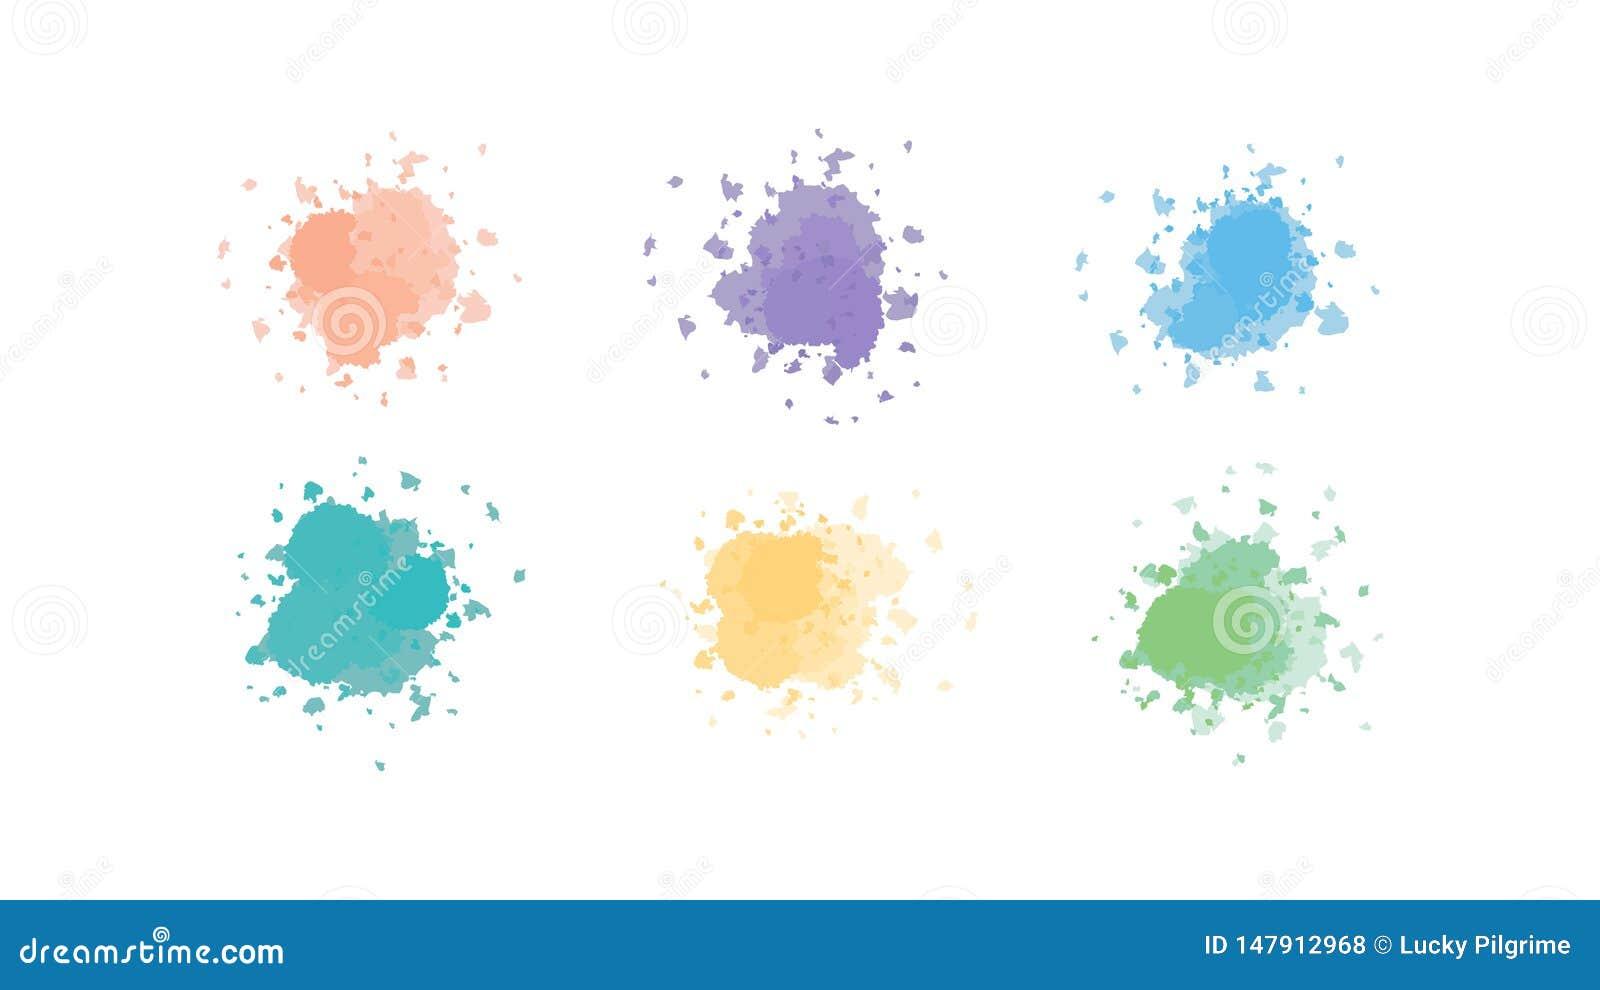 Vector of ink splat in colors